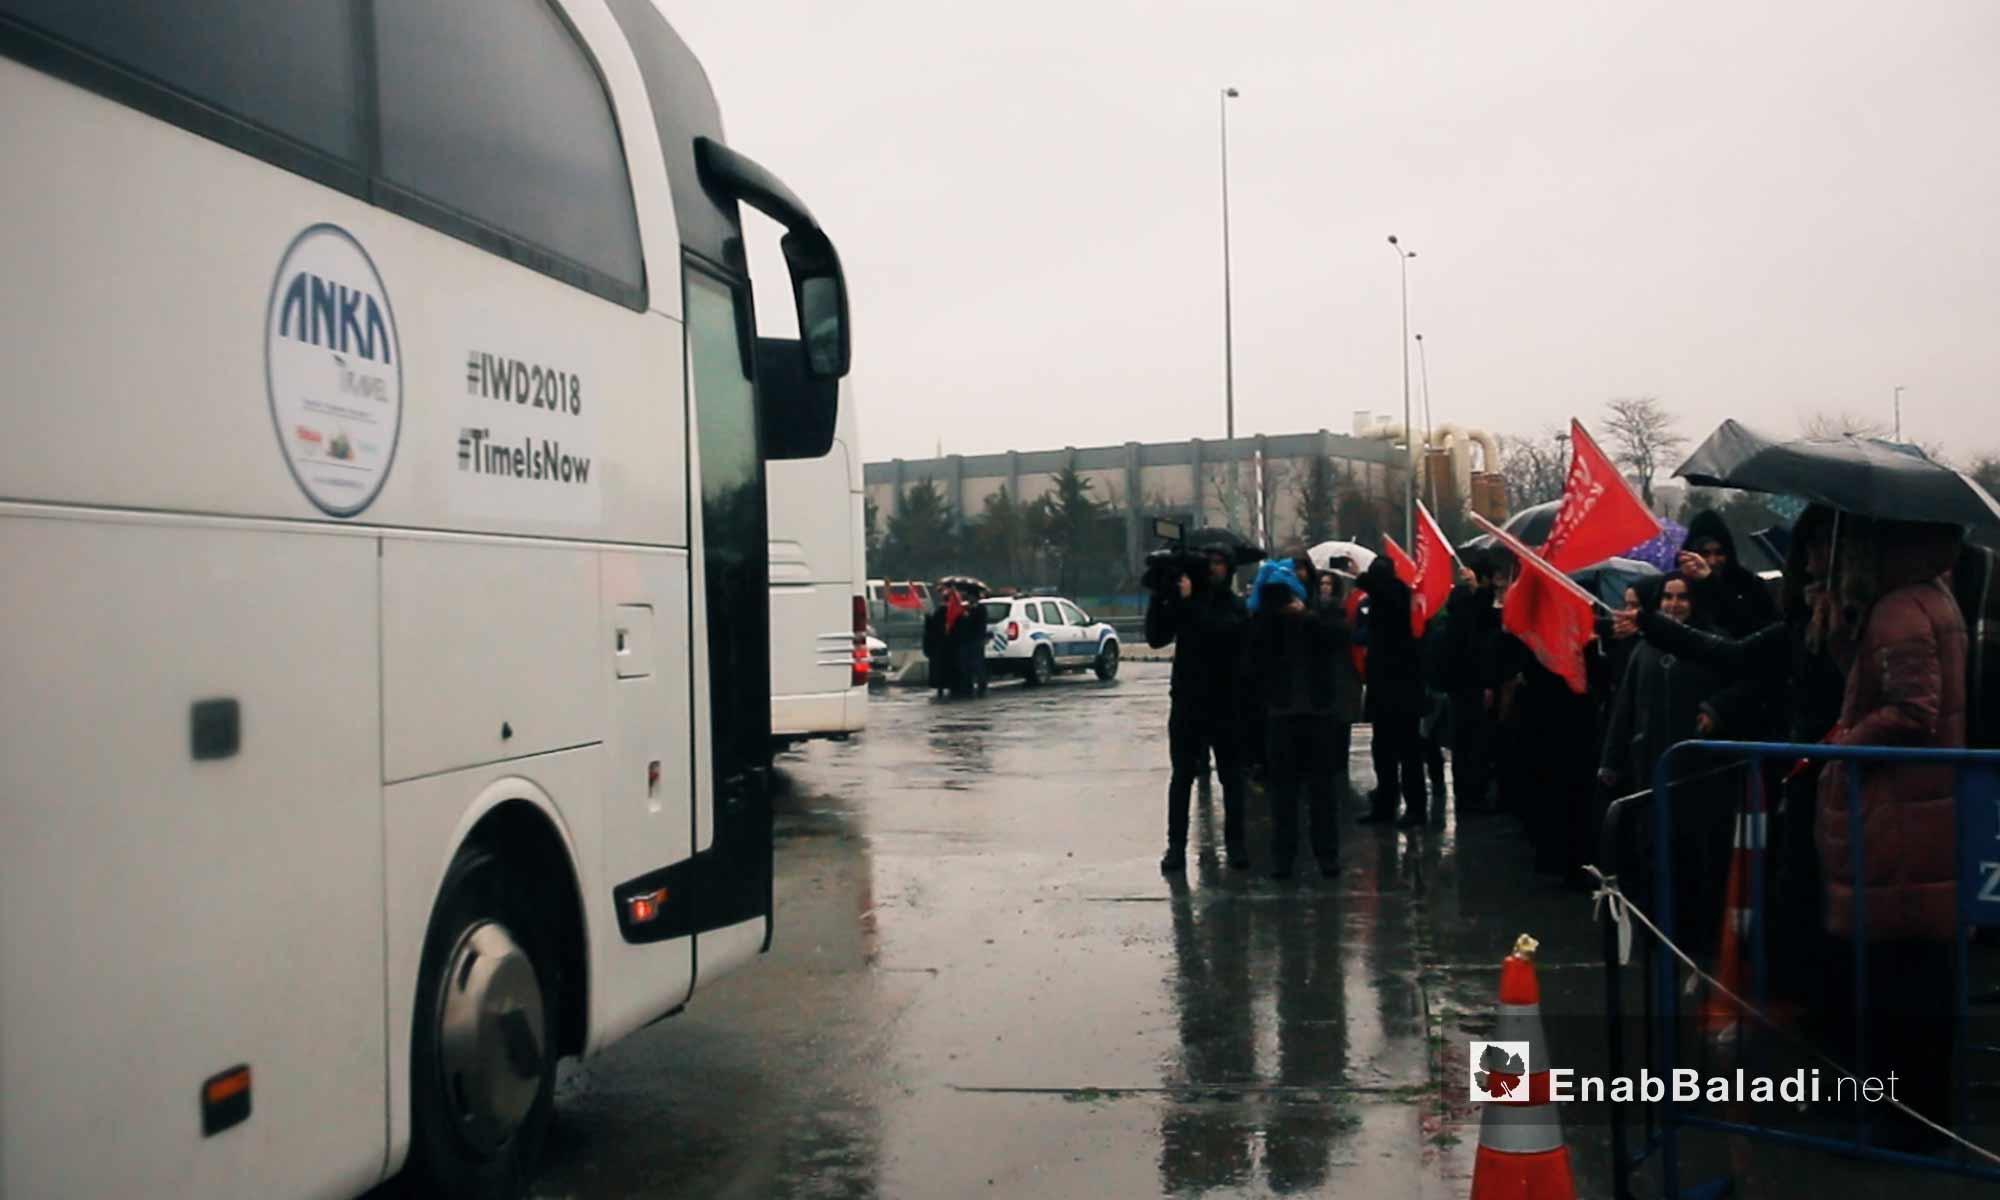 """نساء يتجهزن للصعود إلى حافلة للمشاركة في قافلة """"َالضمير"""" لدعم المعتقلات السوريات في اسطنبول - 6 آذار 2018 (عنب بلدي)"""